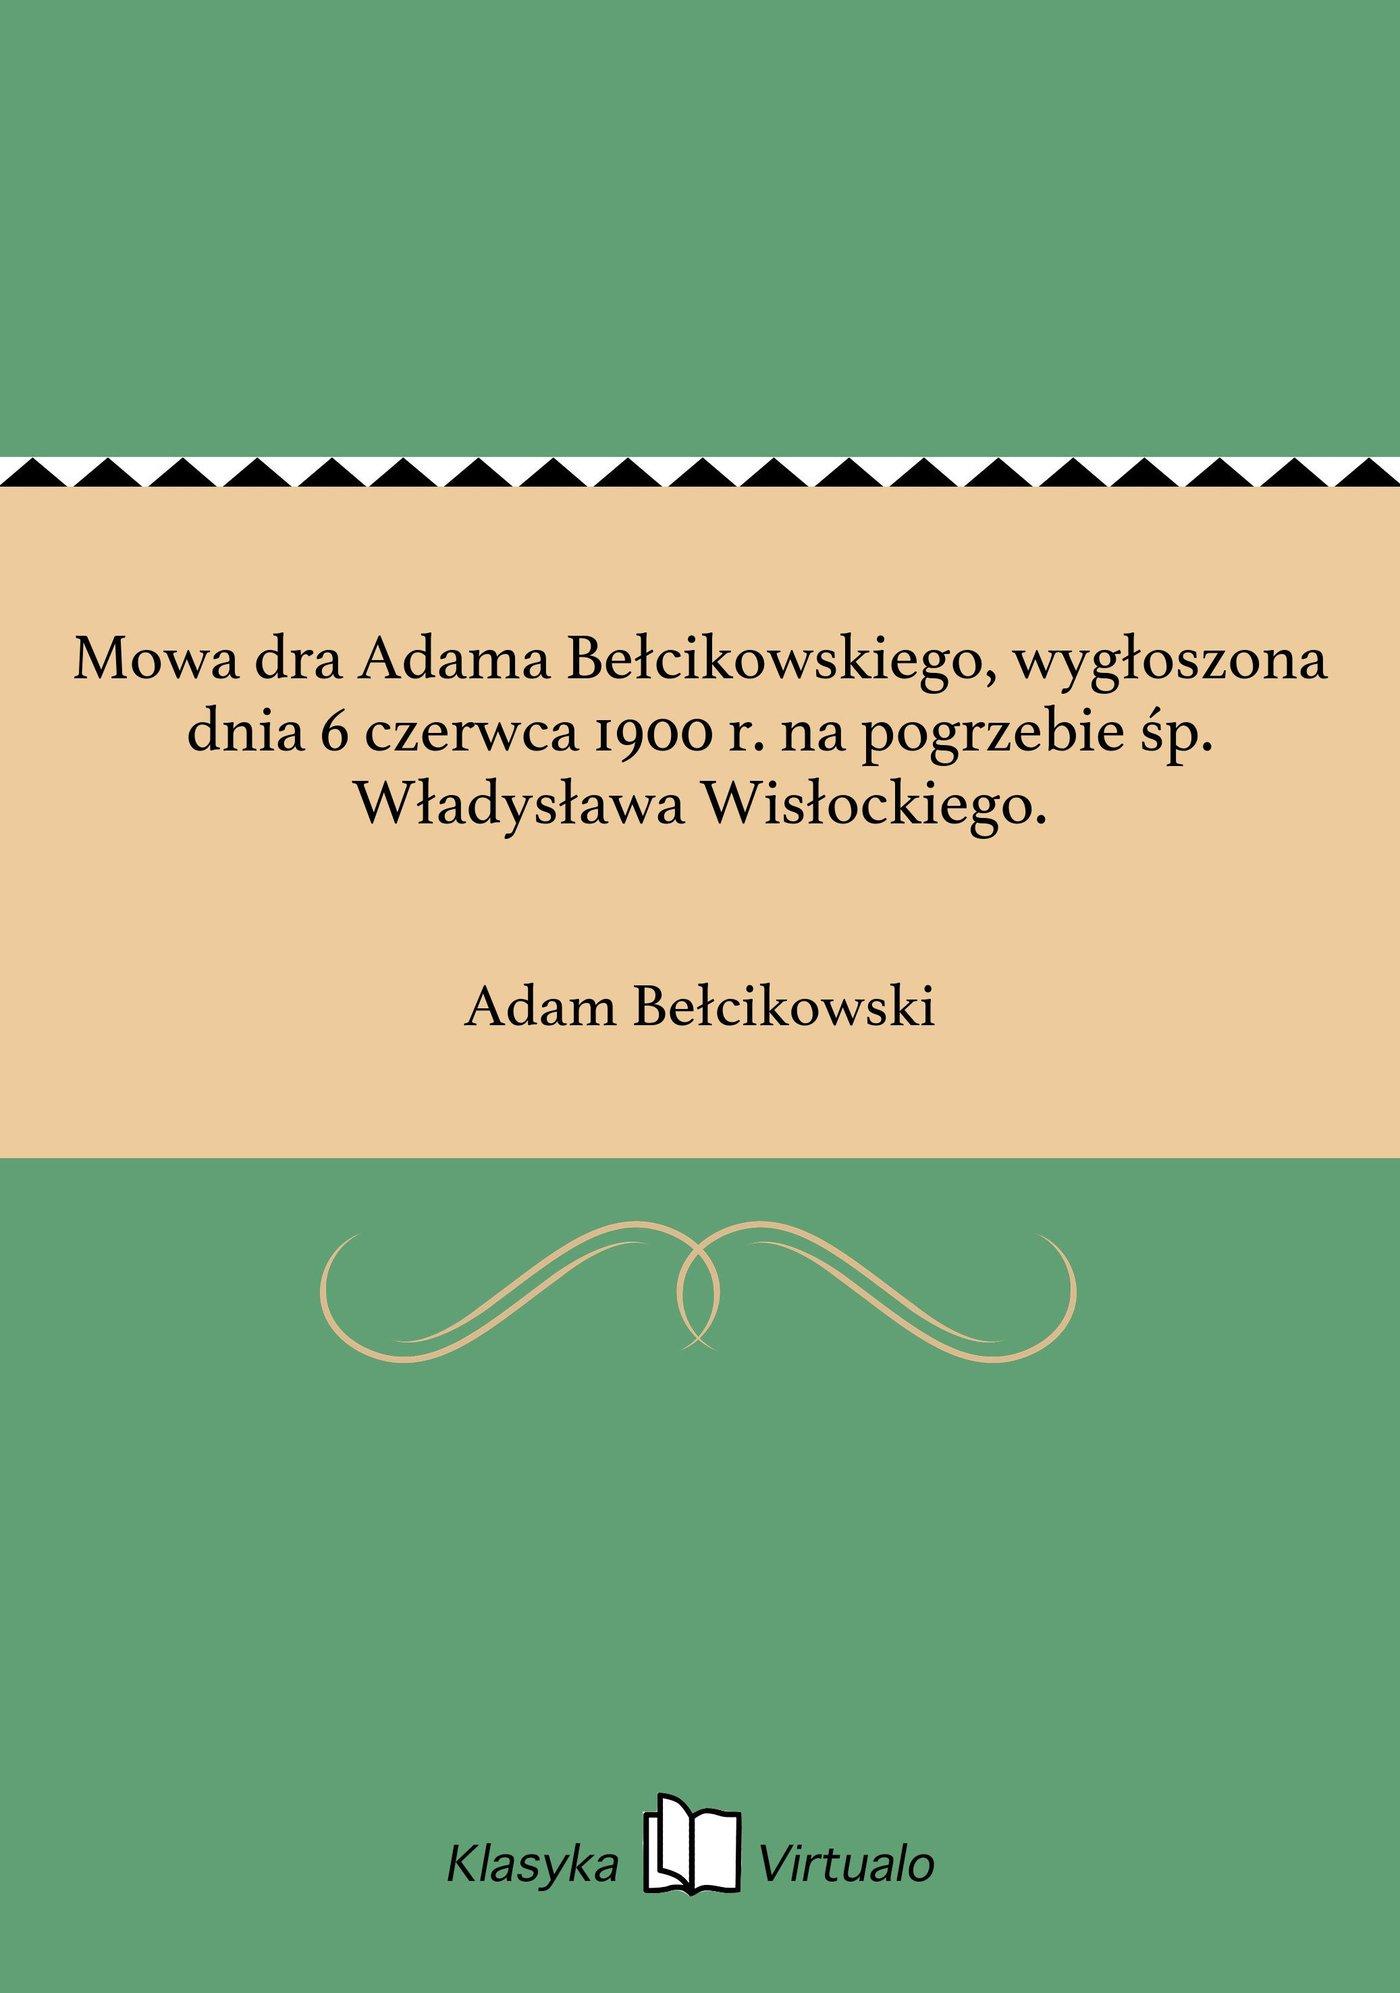 Mowa dra Adama Bełcikowskiego, wygłoszona dnia 6 czerwca 1900 r. na pogrzebie śp. Władysława Wisłockiego. - Ebook (Książka EPUB) do pobrania w formacie EPUB